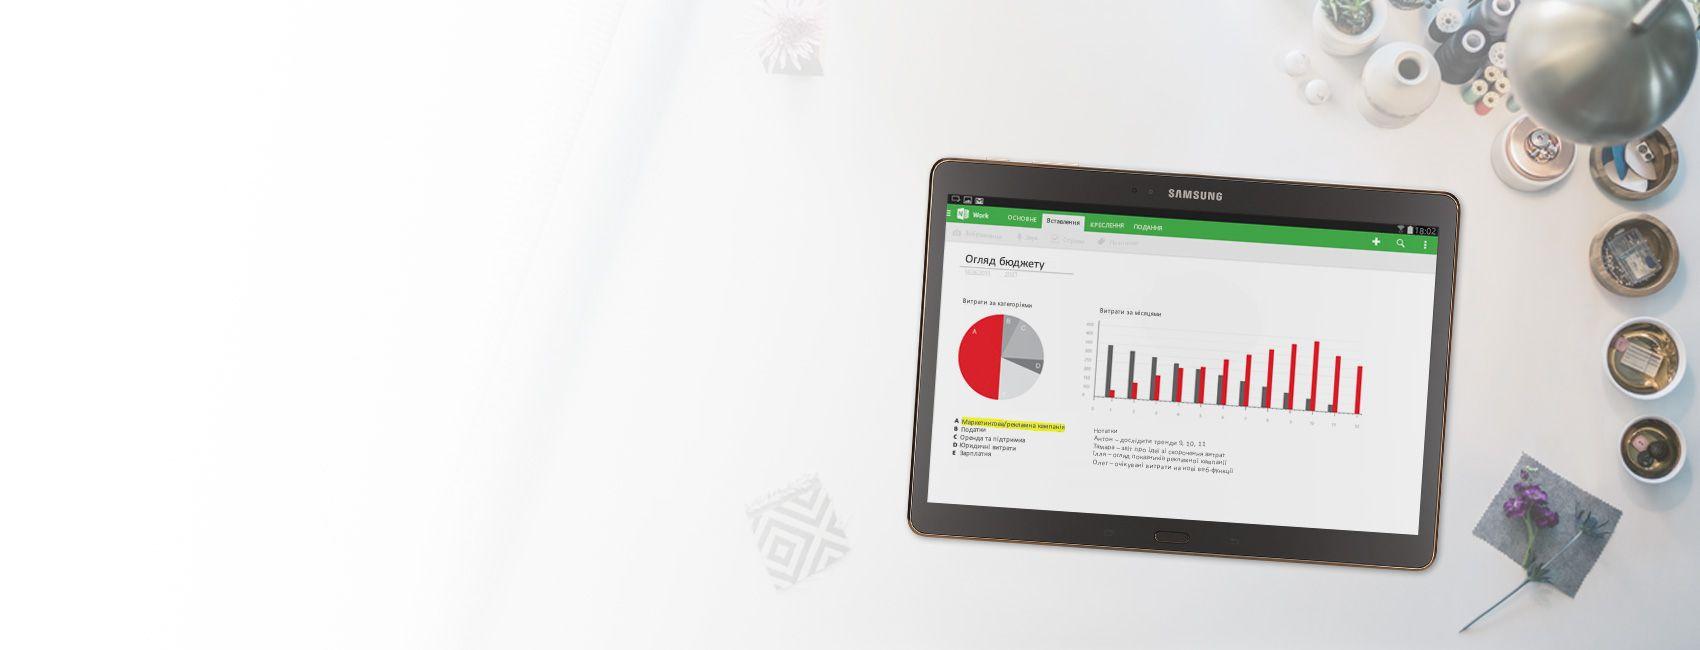 Графіка та діаграми бюджету на планшеті в блокноті OneNote